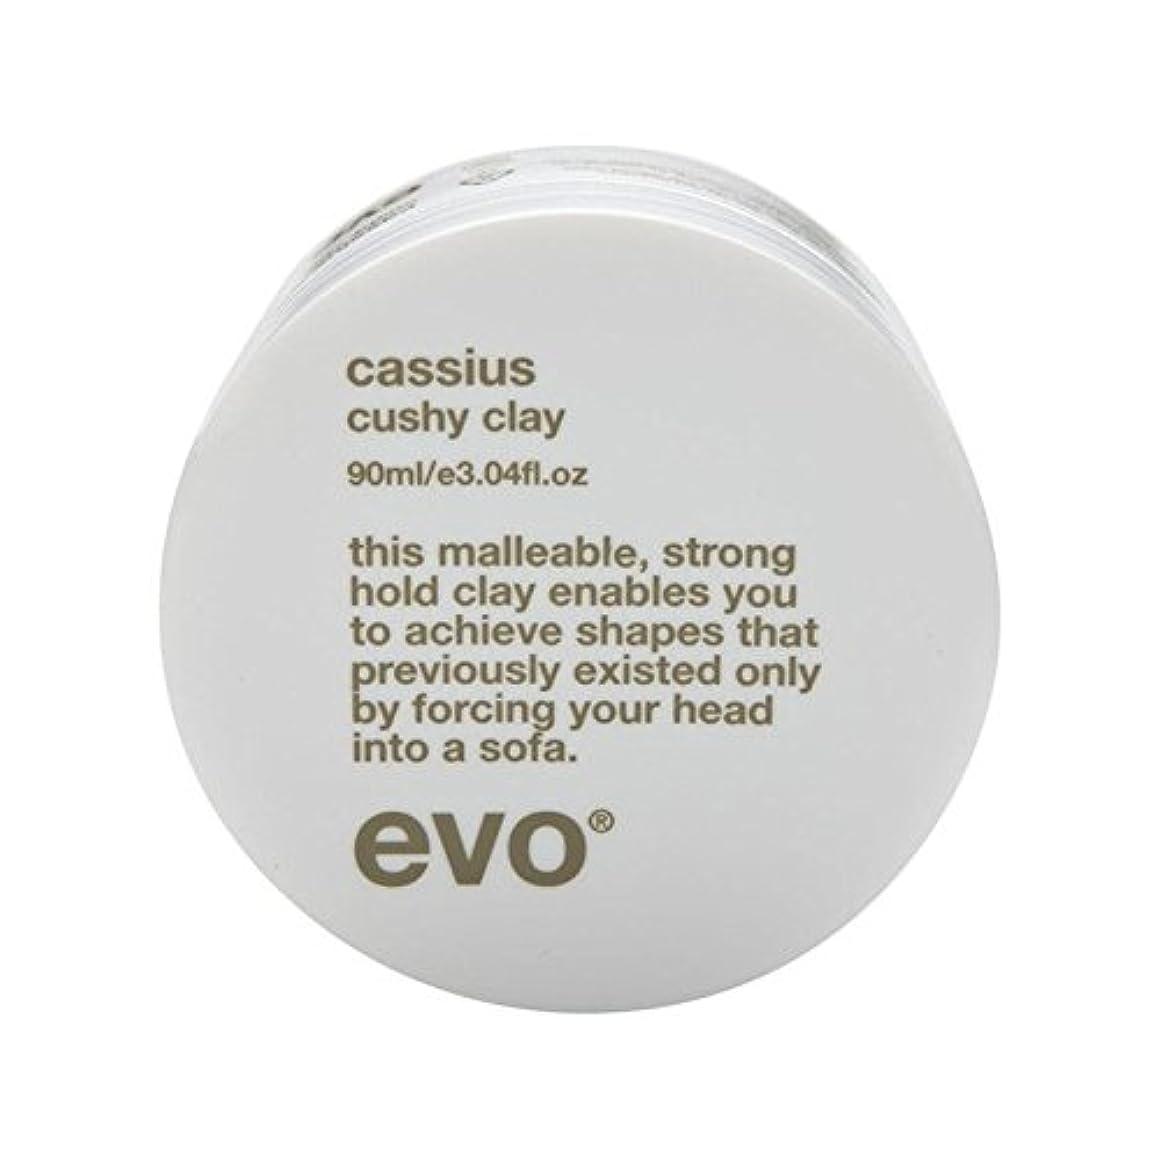 表面的な奴隷販売員エボカシウス楽な粘土90グラム x2 - Evo Cassius Cushy Clay 90G (Pack of 2) [並行輸入品]